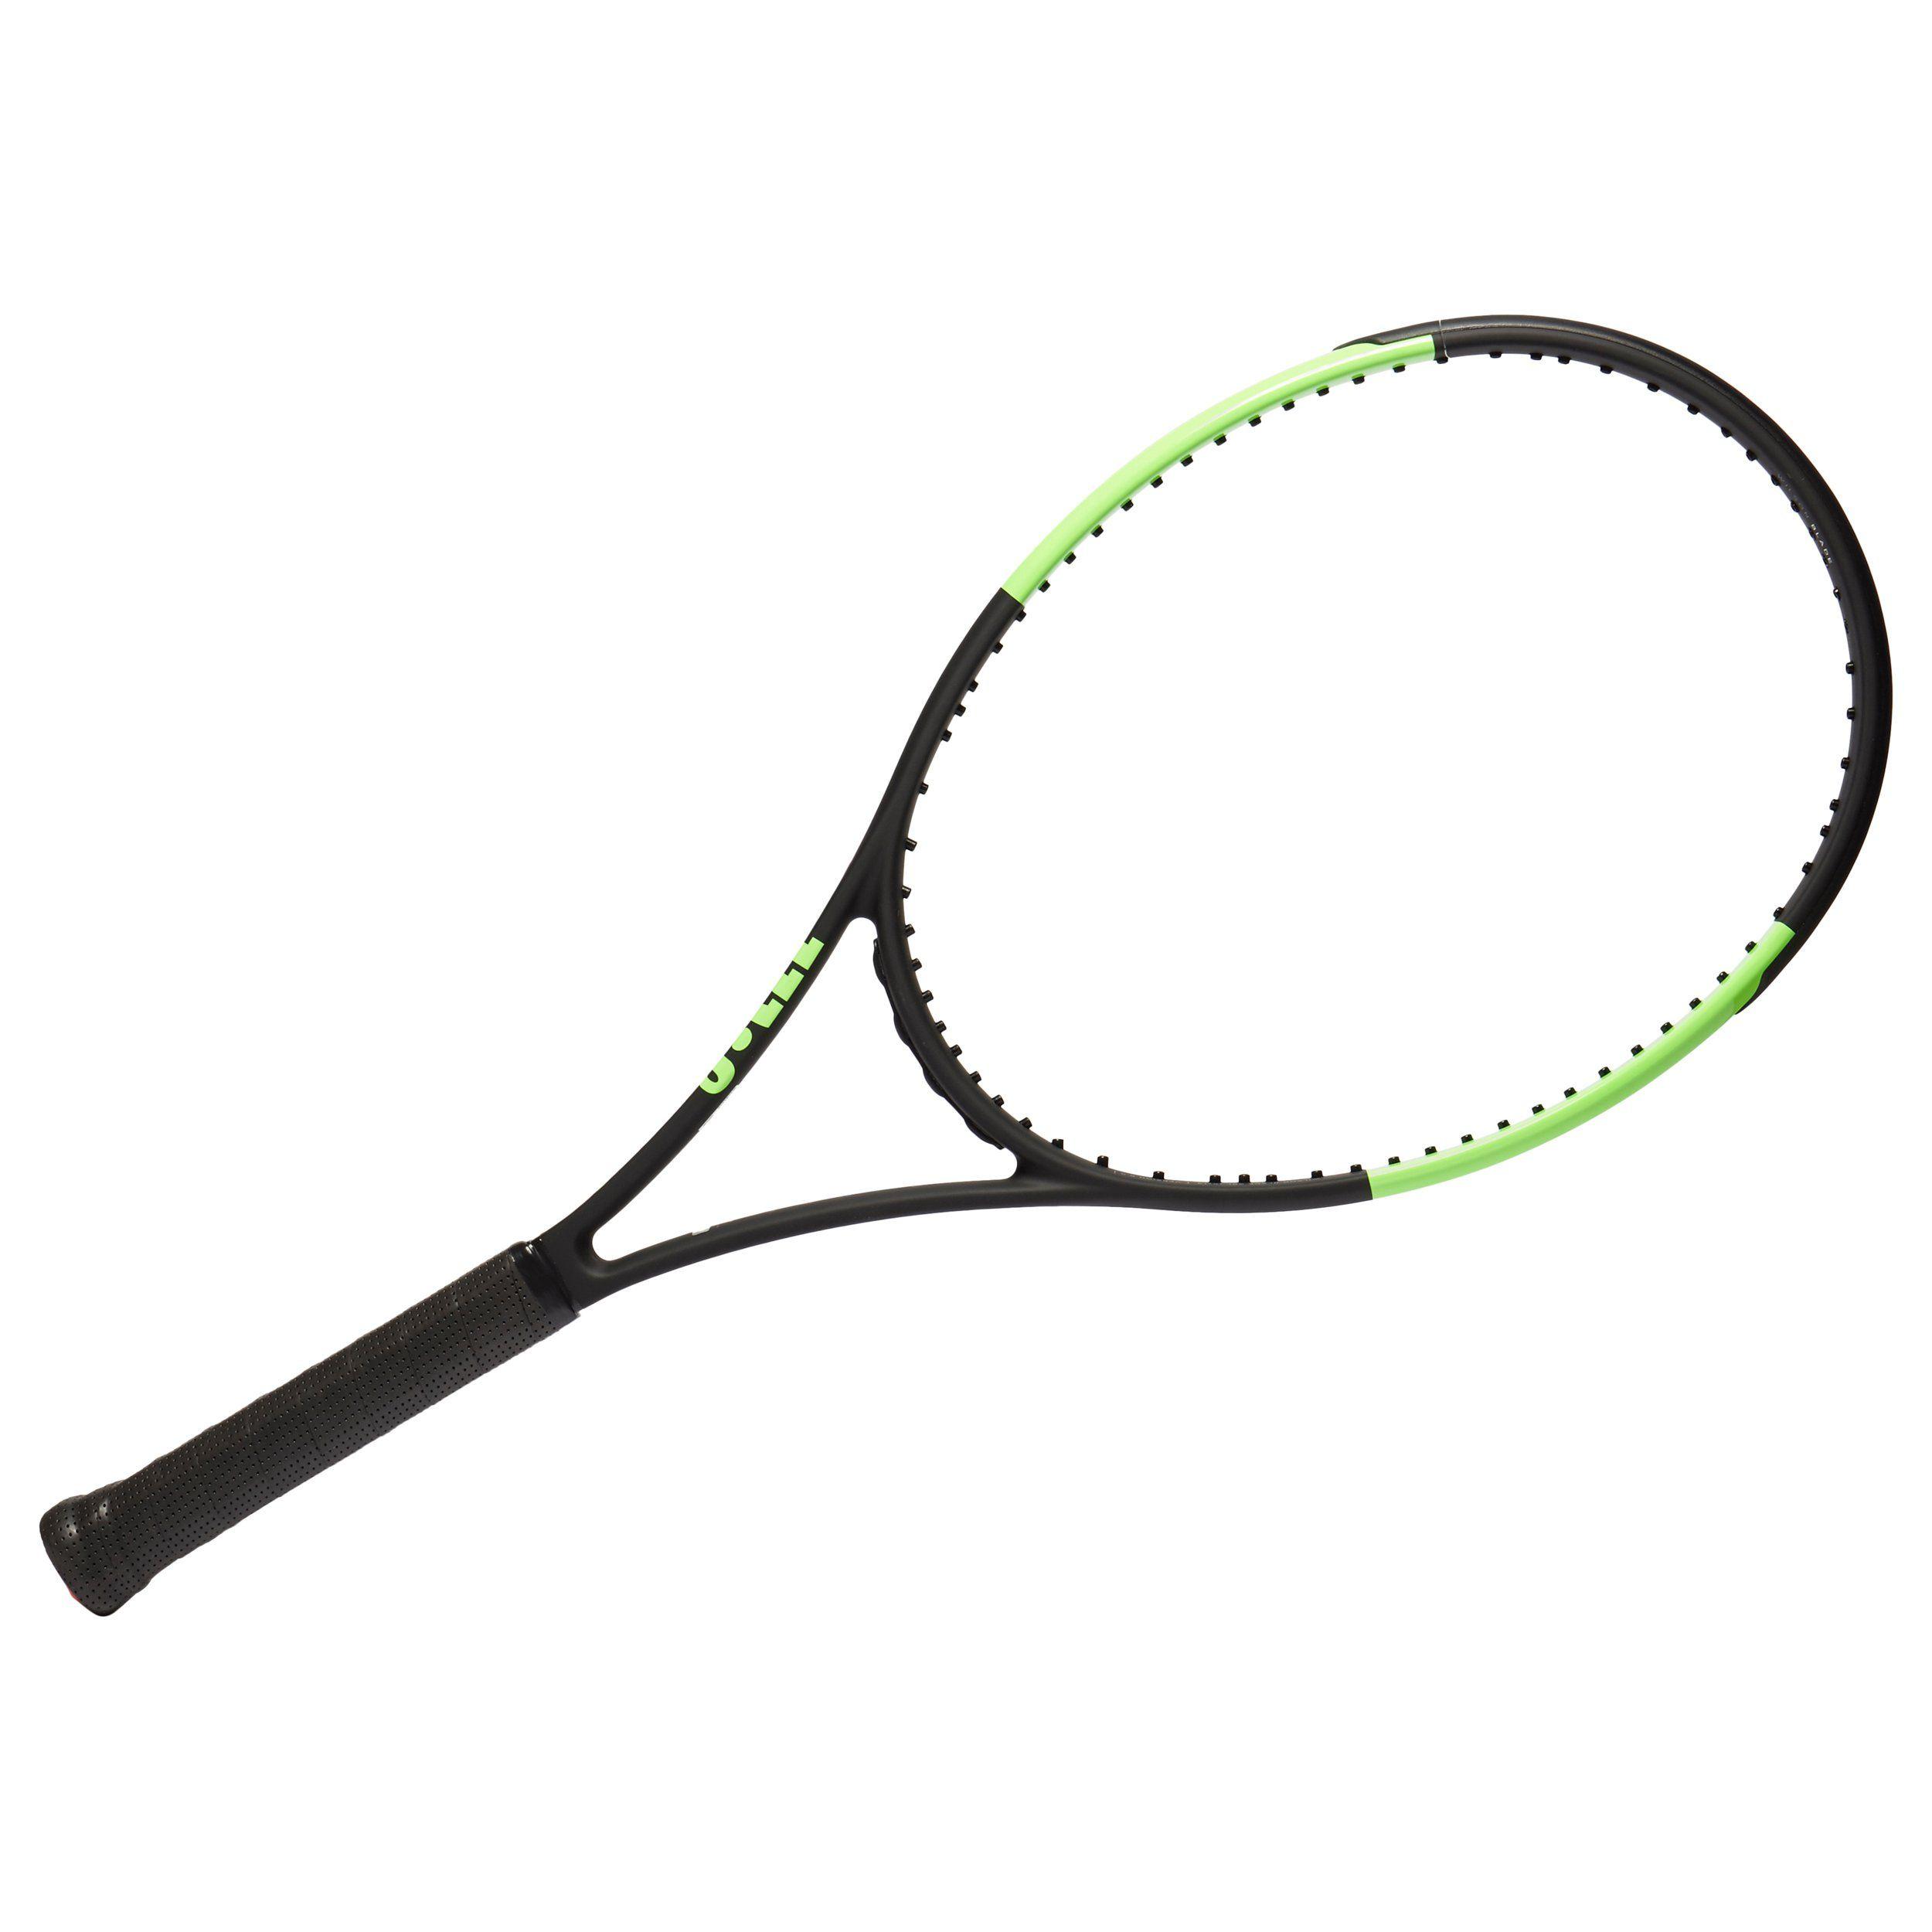 Wilson Blade 98L 16x19 Reverse Tour Unstrung Tennis Racket